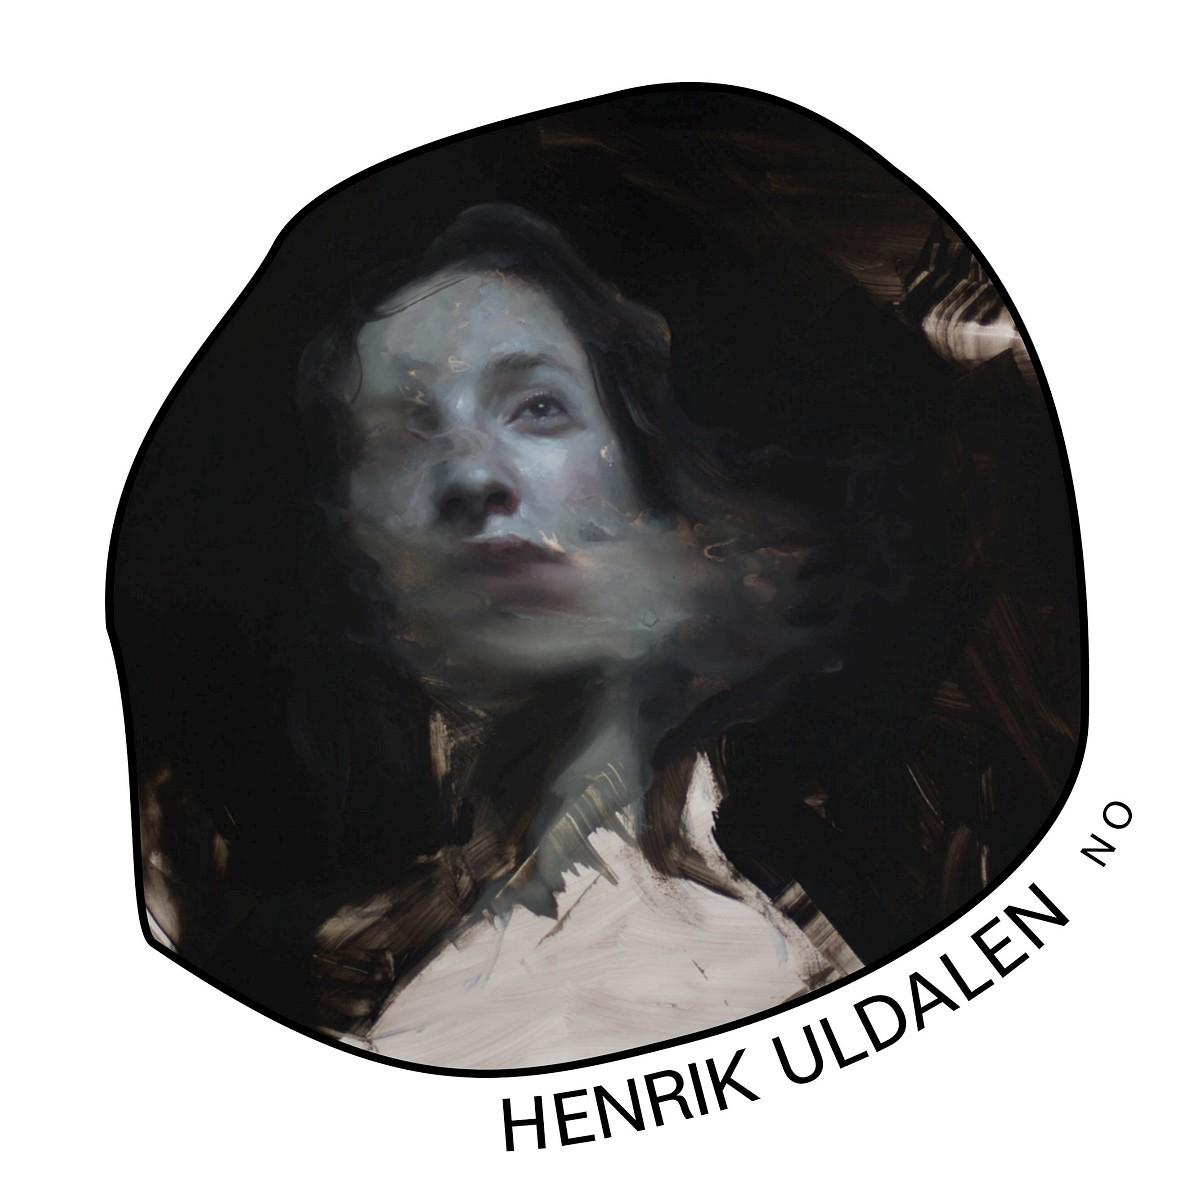 007-henrikuldalen_nuartfestival2016